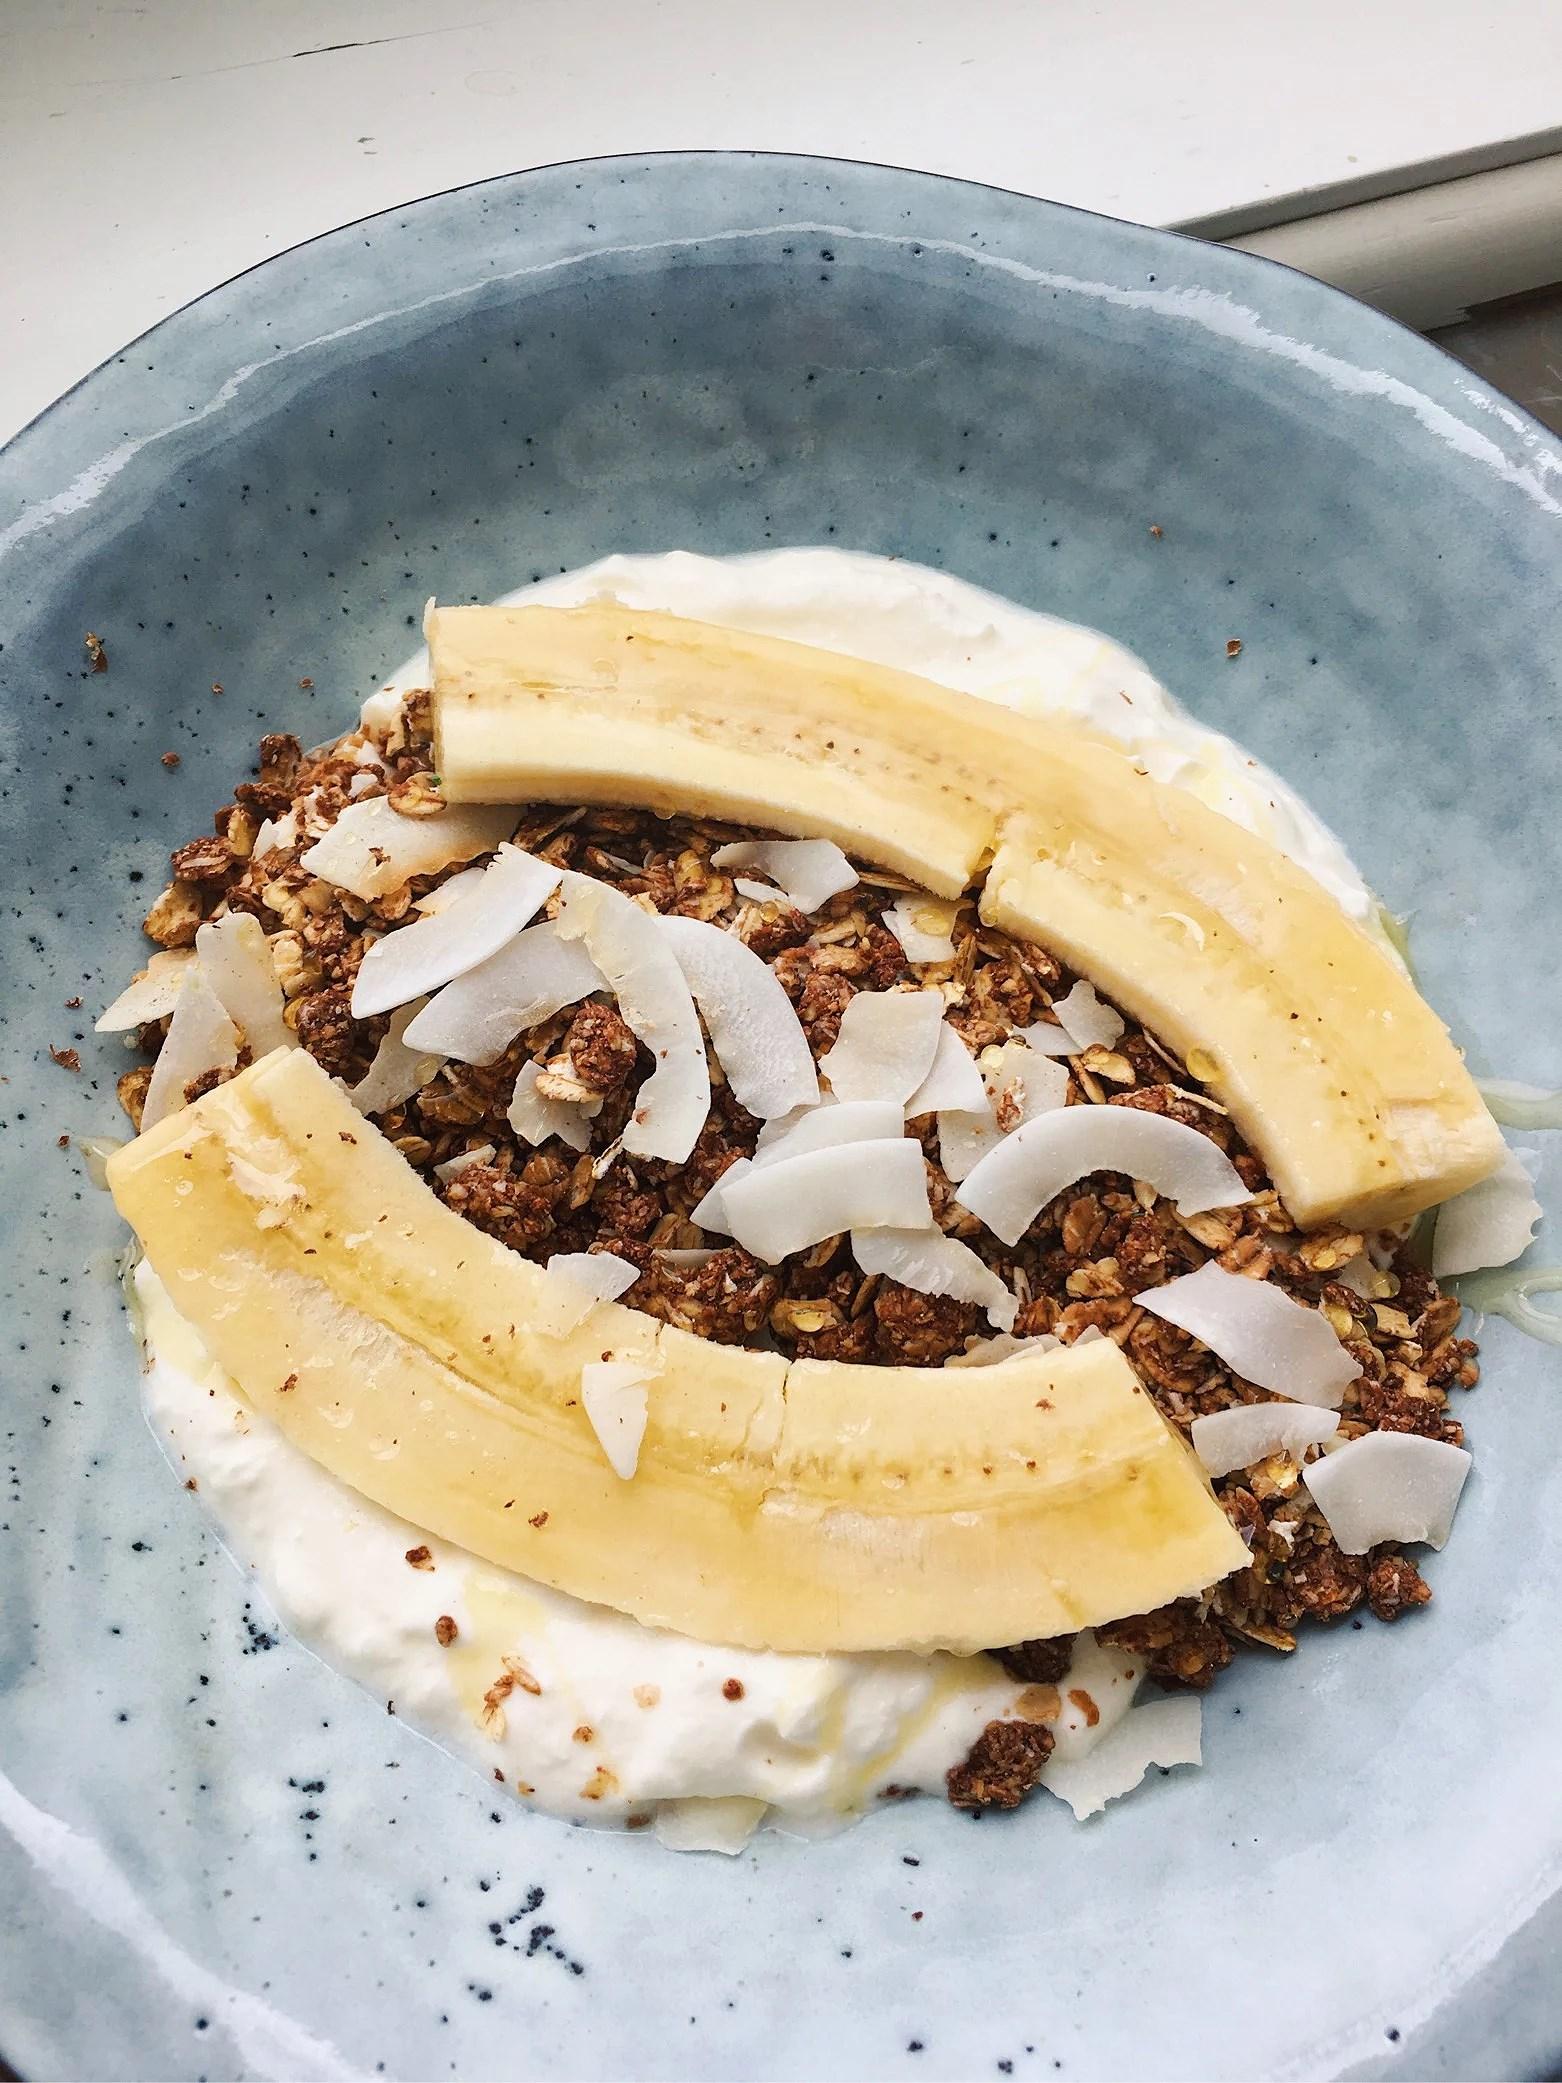 Banana split bowl